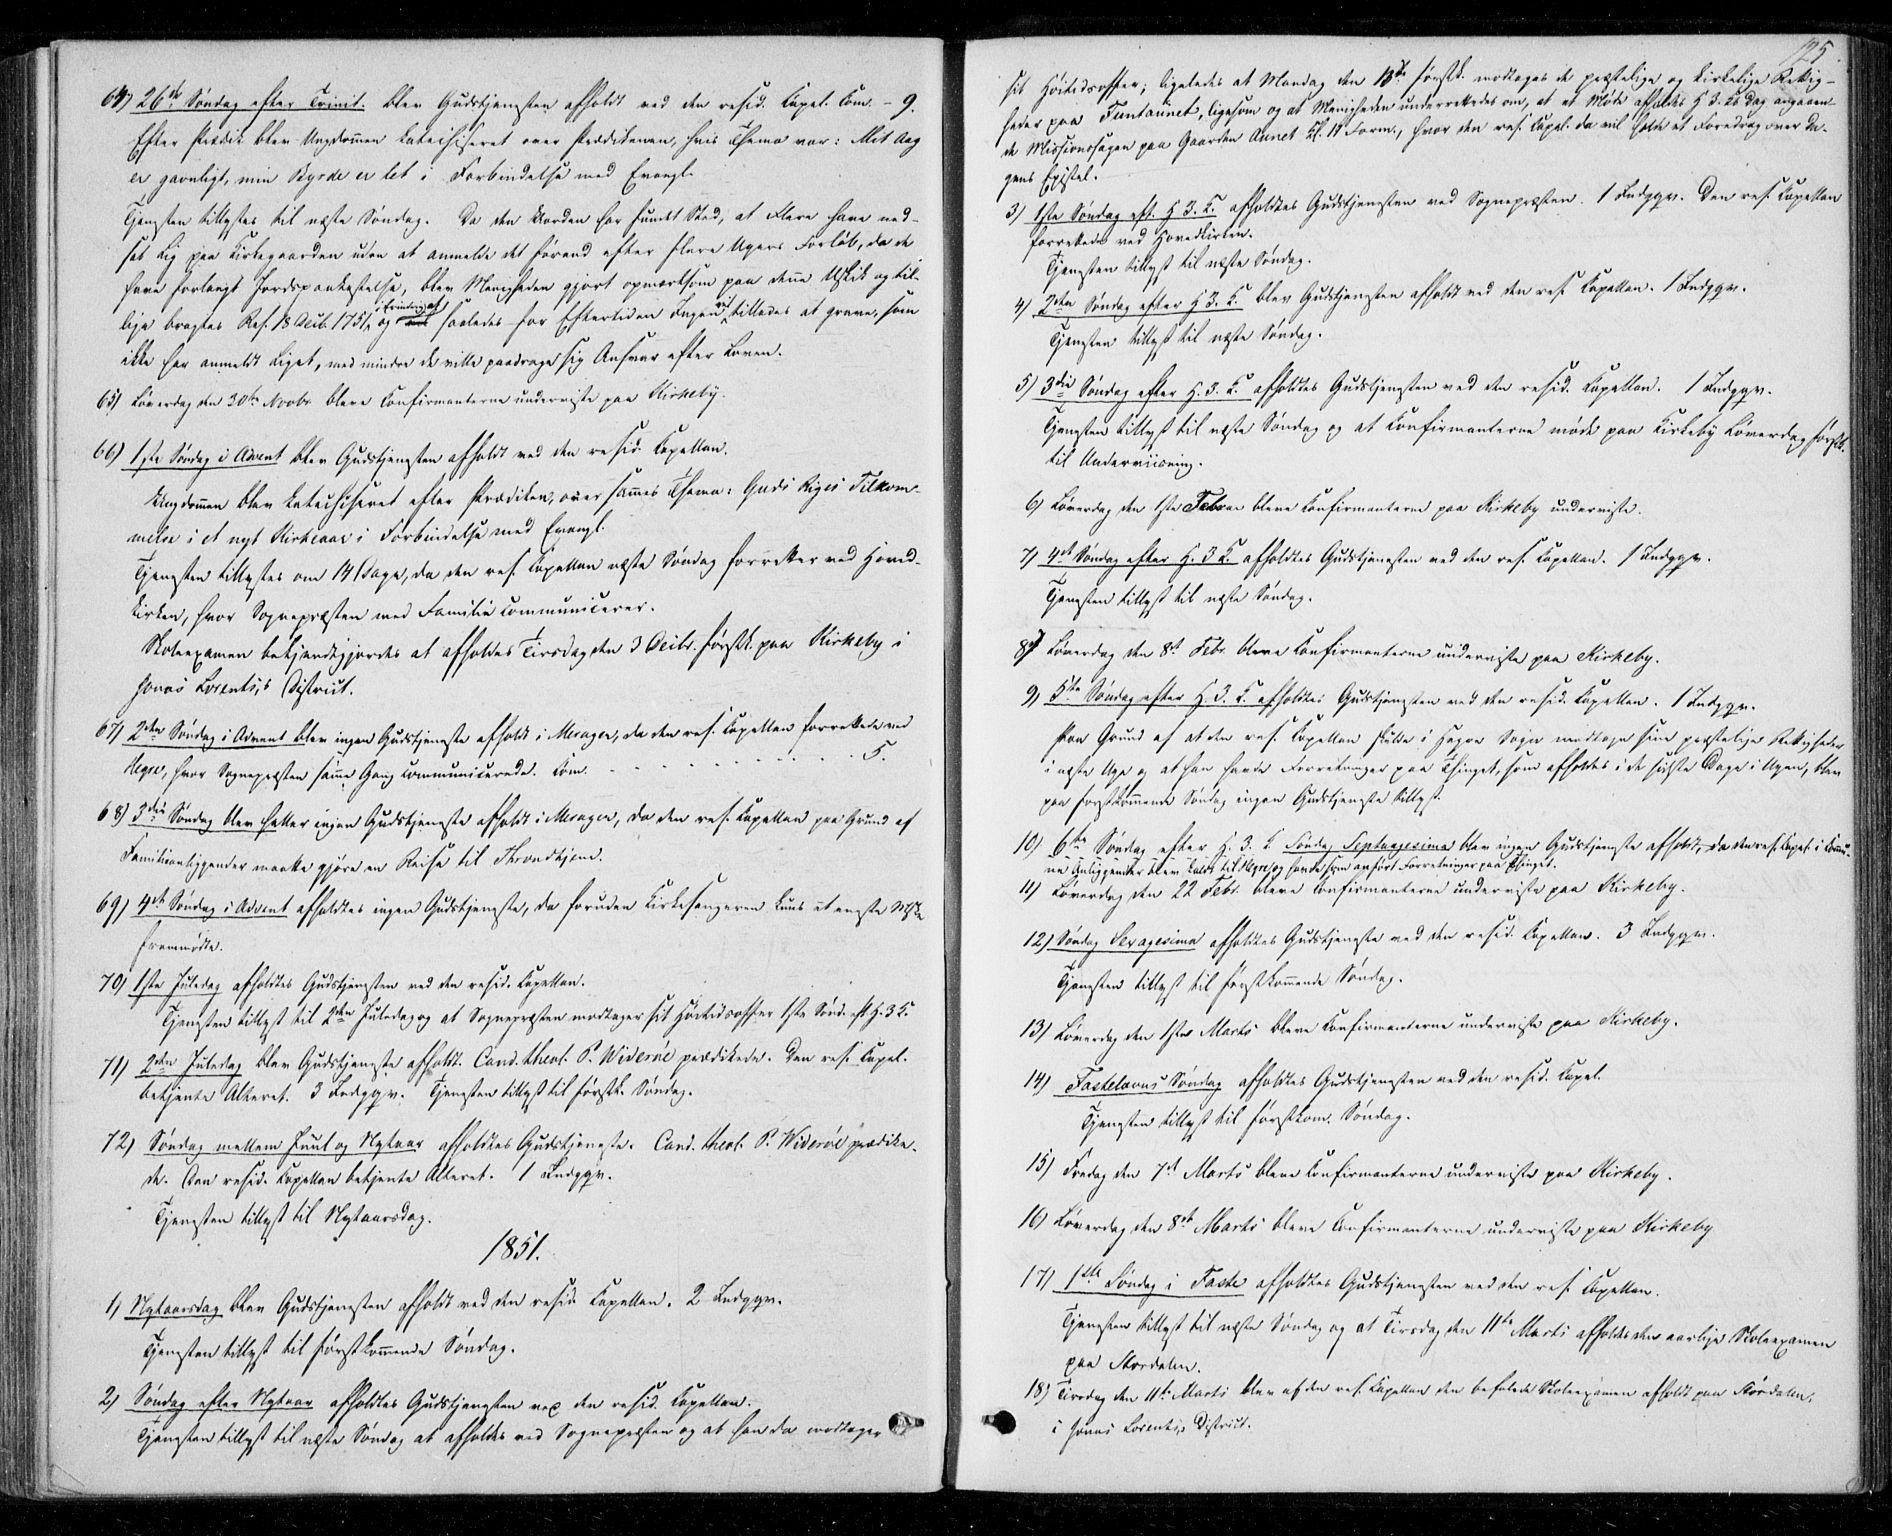 SAT, Ministerialprotokoller, klokkerbøker og fødselsregistre - Nord-Trøndelag, 706/L0040: Ministerialbok nr. 706A01, 1850-1861, s. 125